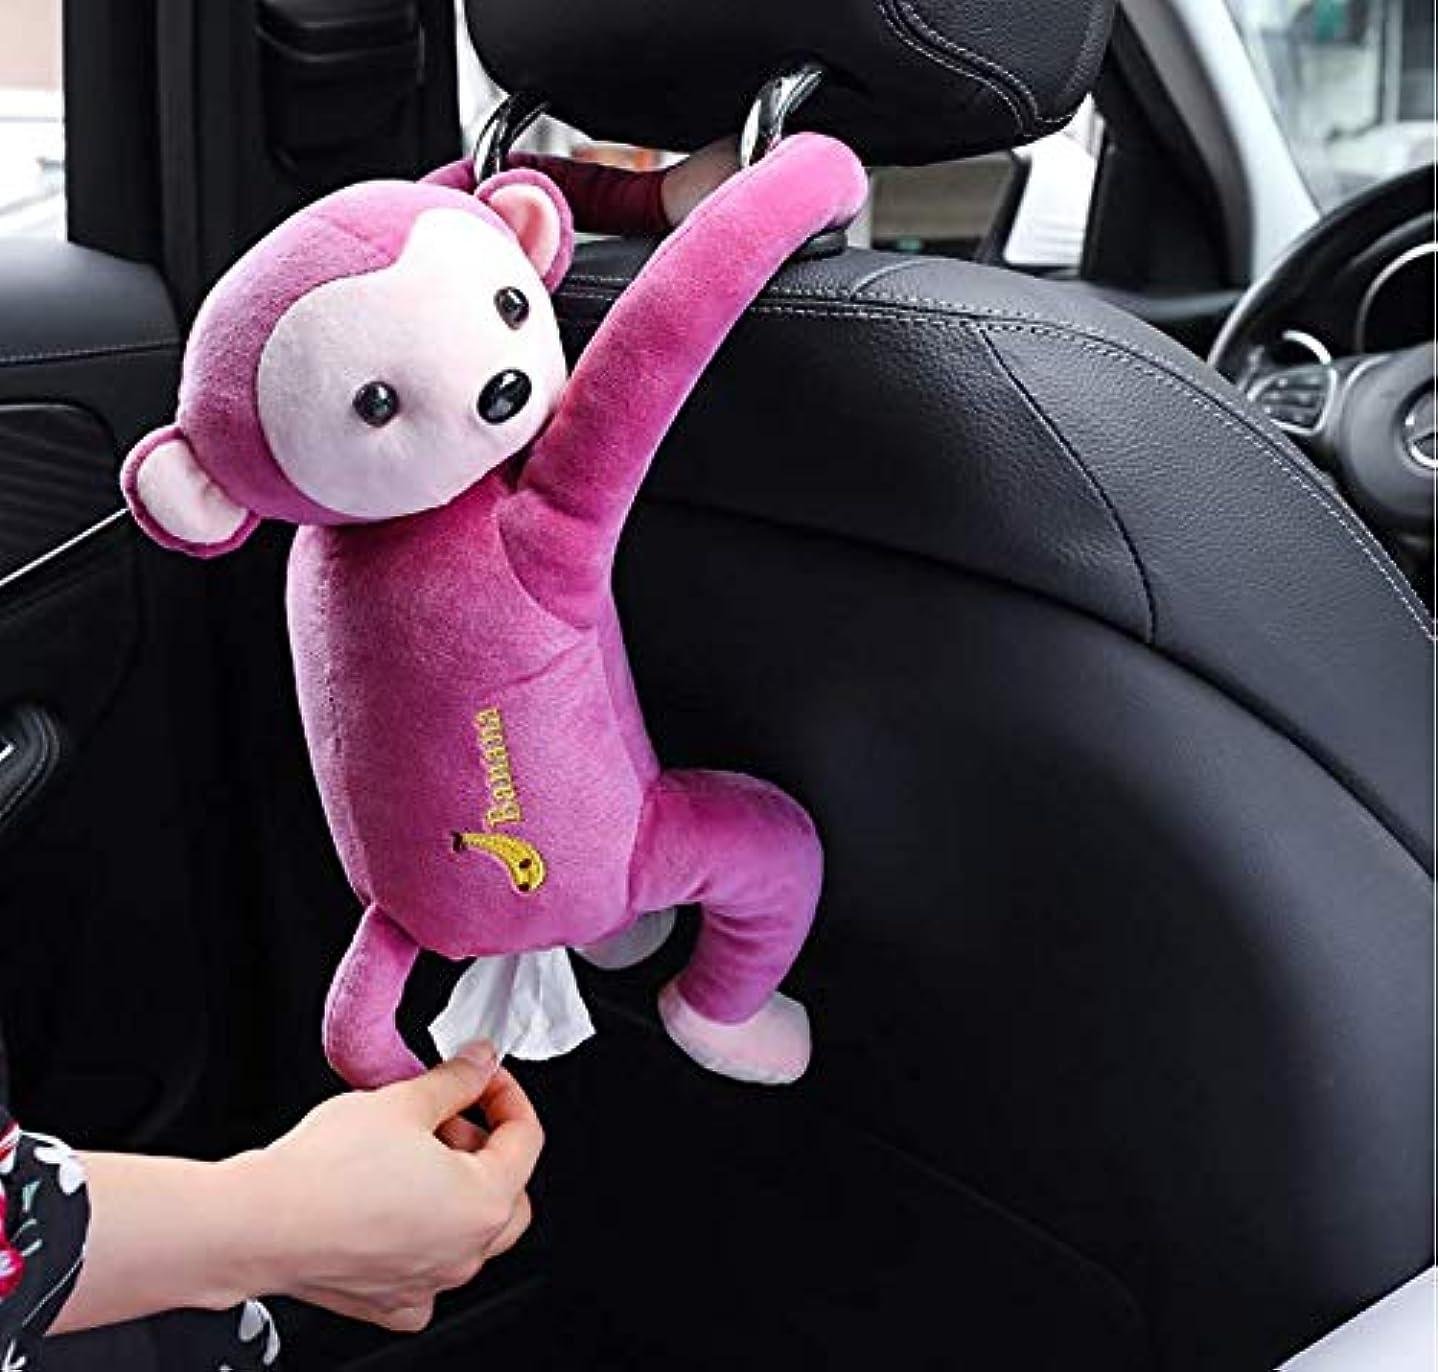 シニスカロリー虫を数えるCozyswan さるスタイルティッシュボックス おもしろい 両手にボタンで嵌め込む 車内 掛ける可能 かわいい お尻から引き出す